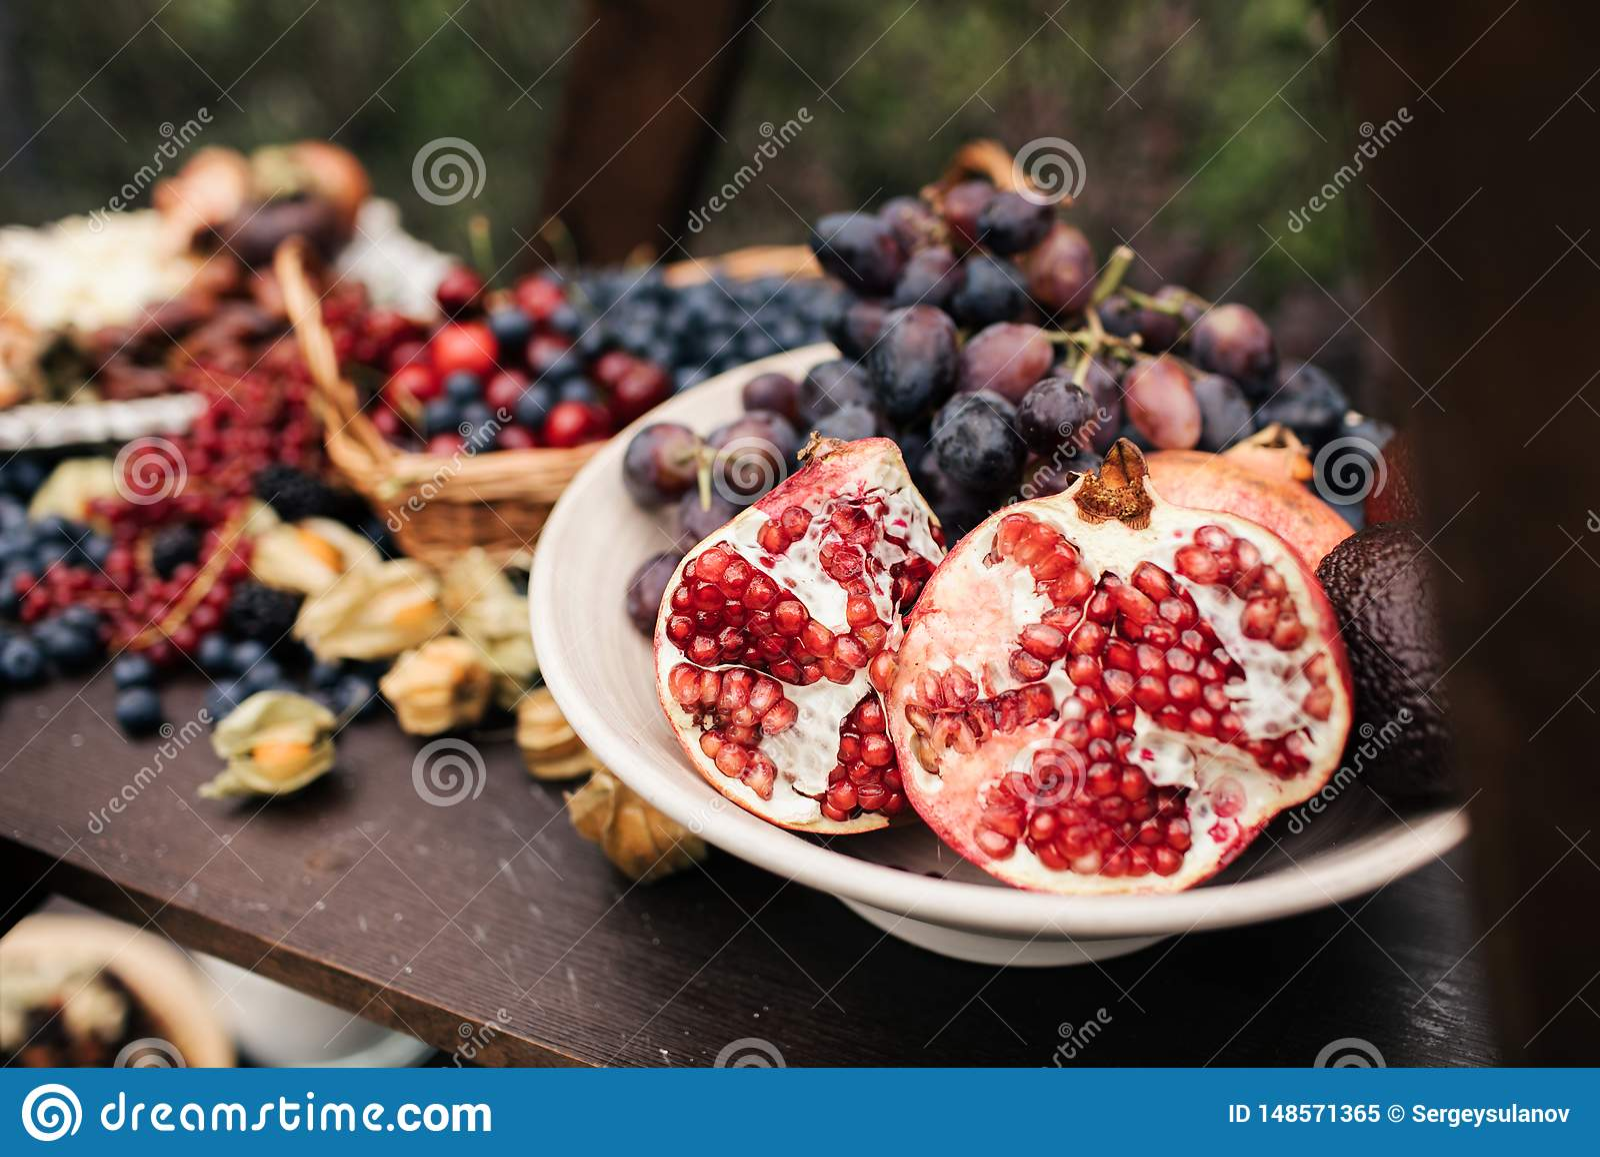 Granat?pple och druvor i en platta p? tr?tabellen